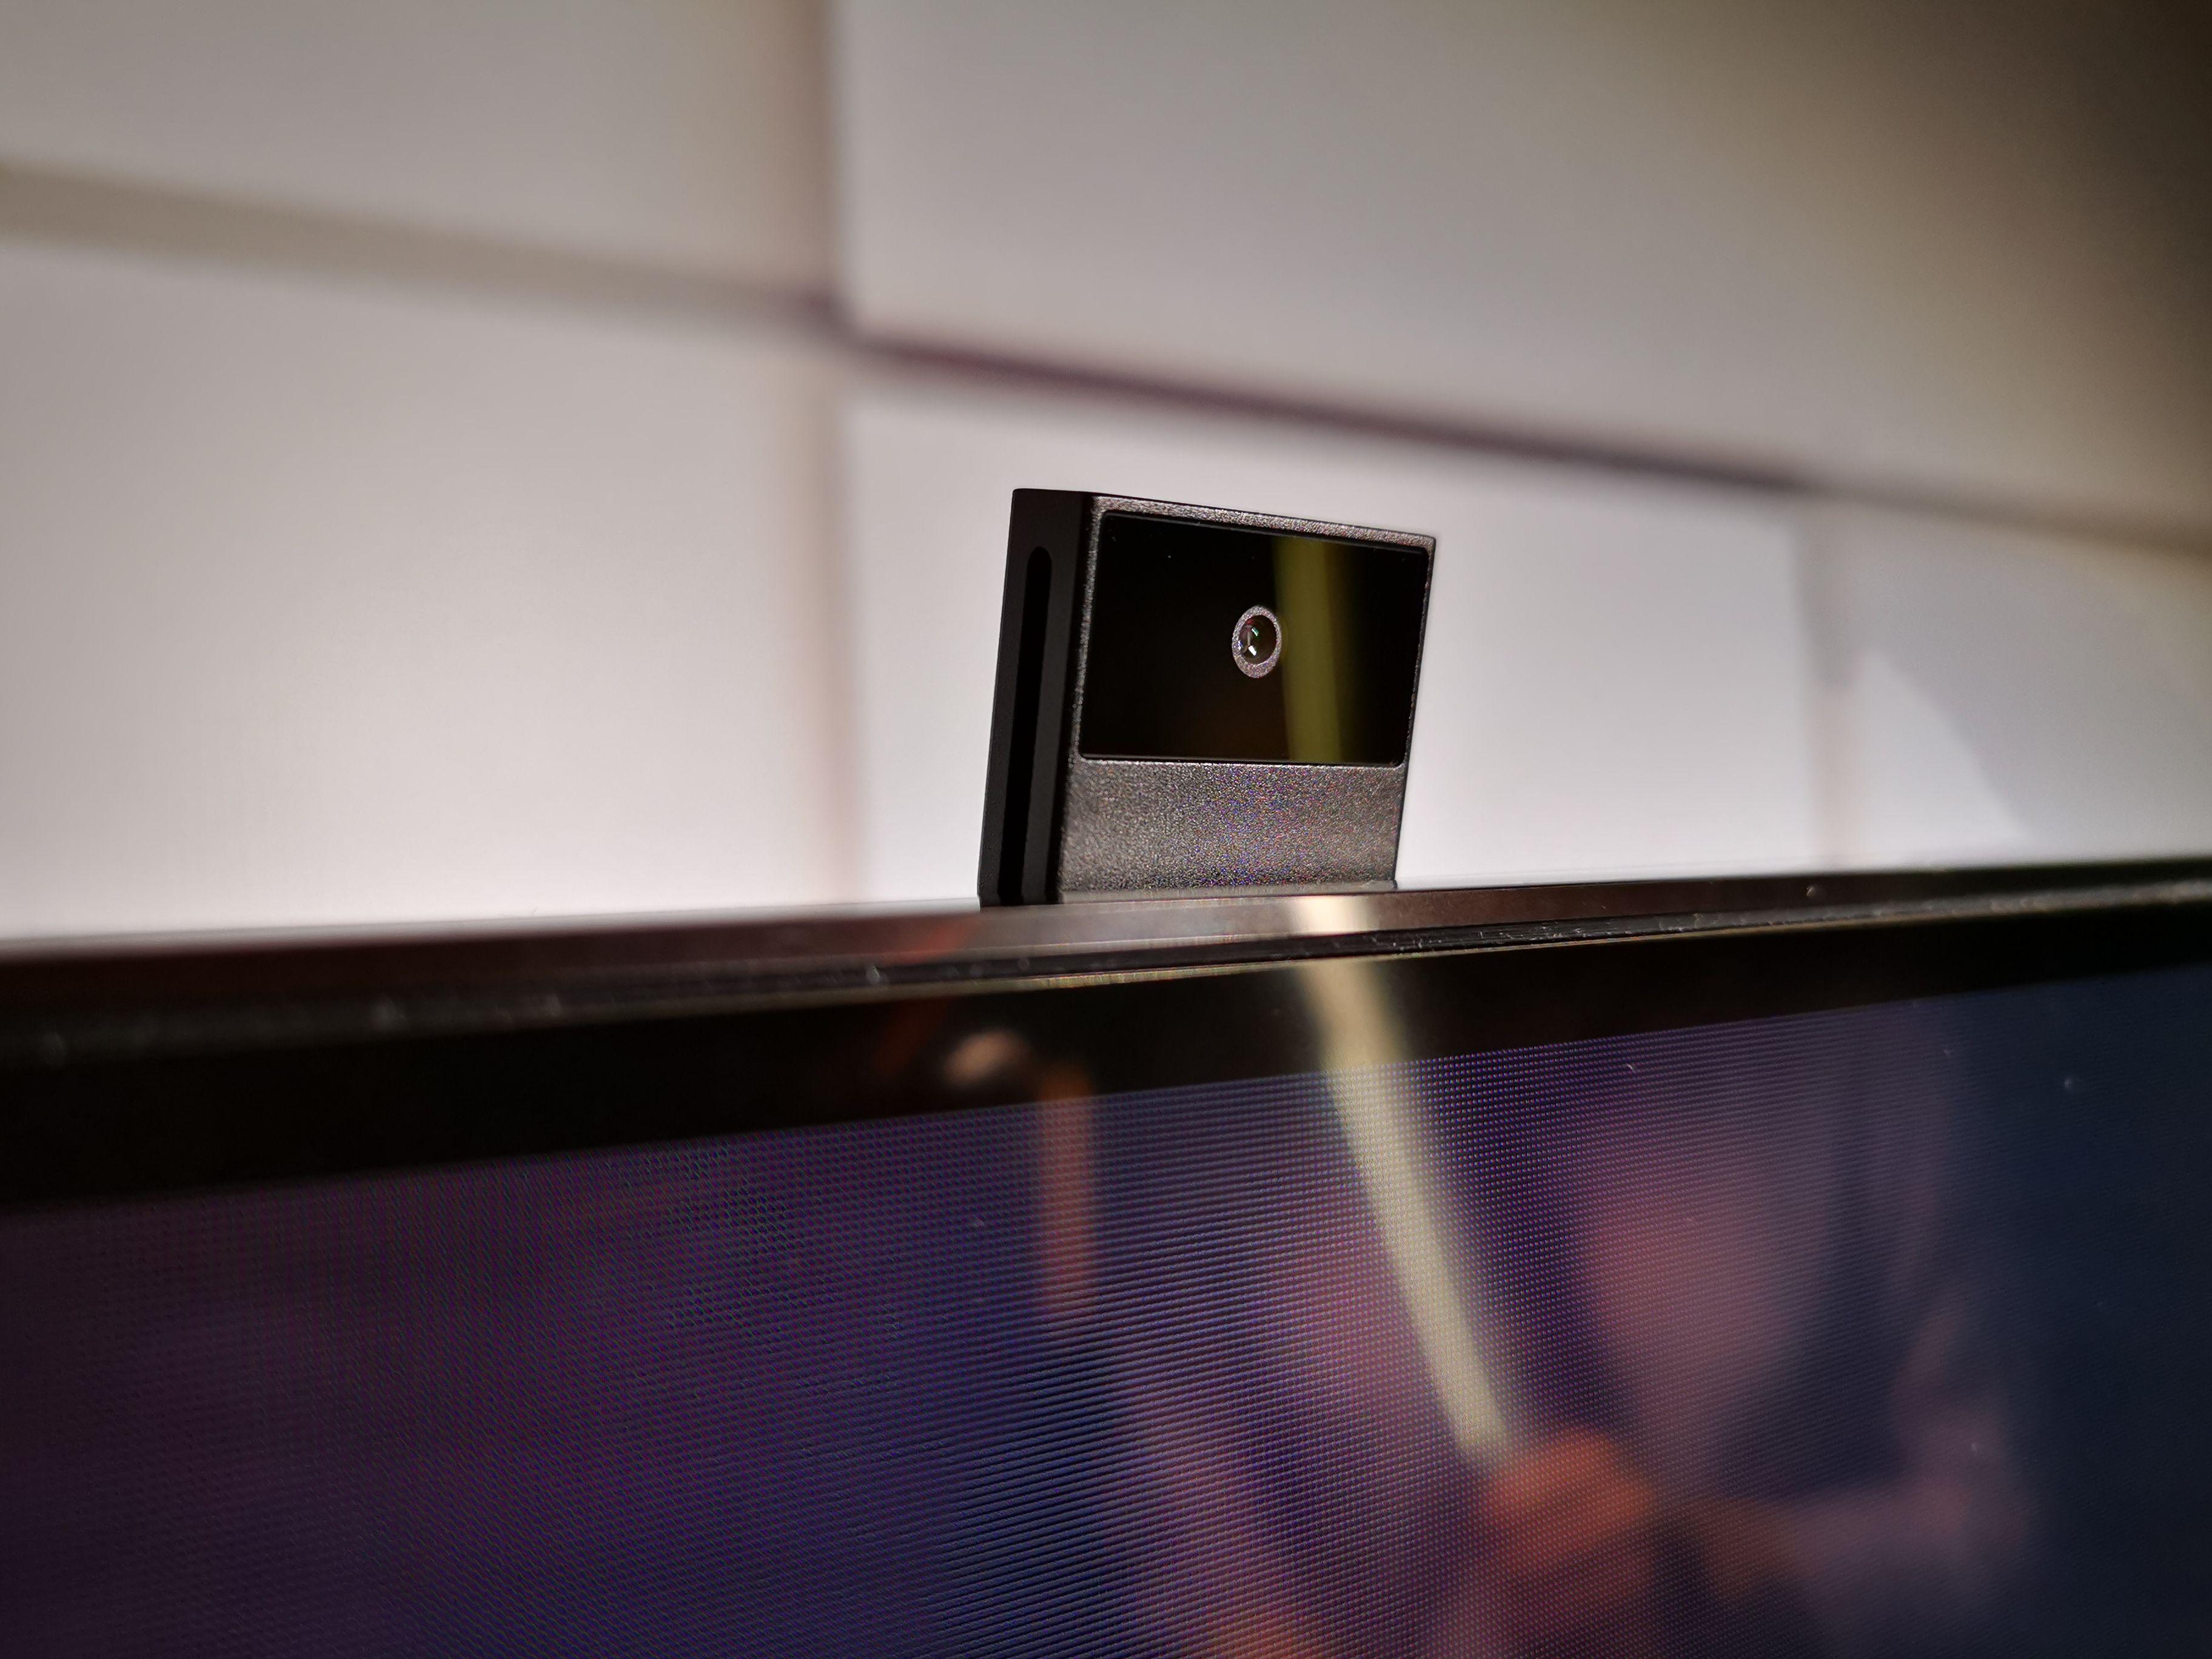 华为智慧屏评测:4K量子点屏幕+AI慧眼+投屏游戏的照片 - 3